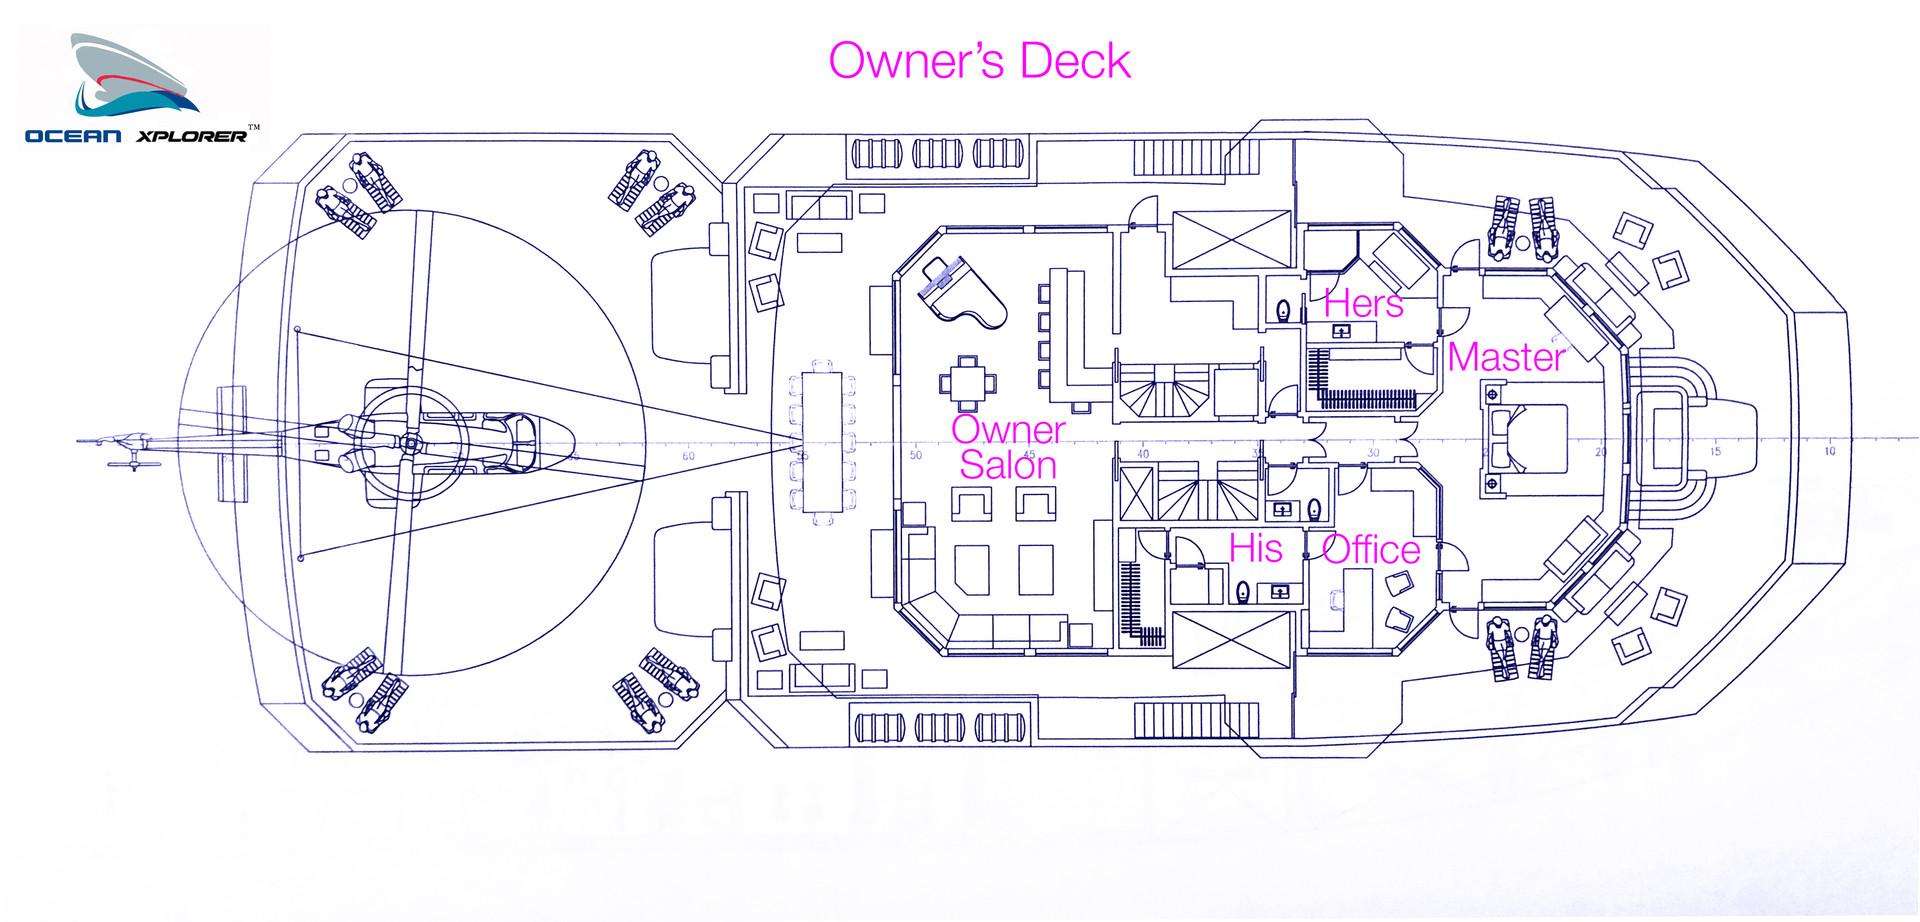 Ocean Xplorer 70 Owner's Deck